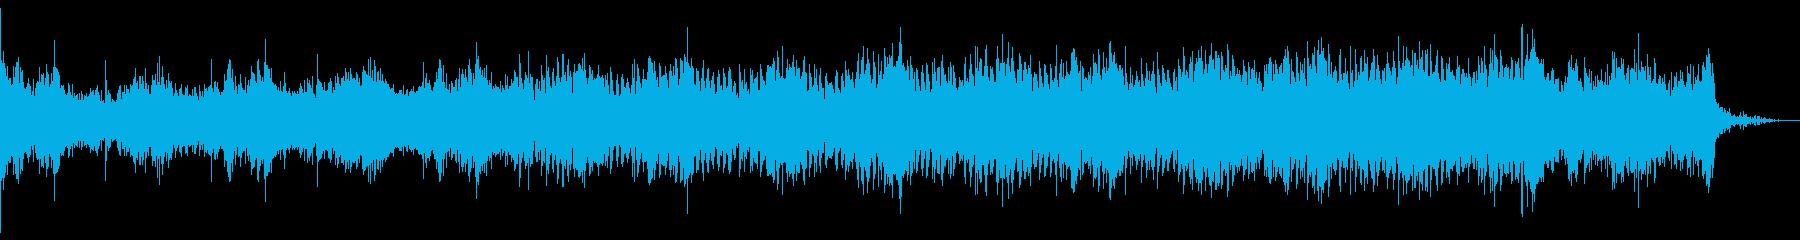 アンビエント環境音楽ヒーリング-07の再生済みの波形